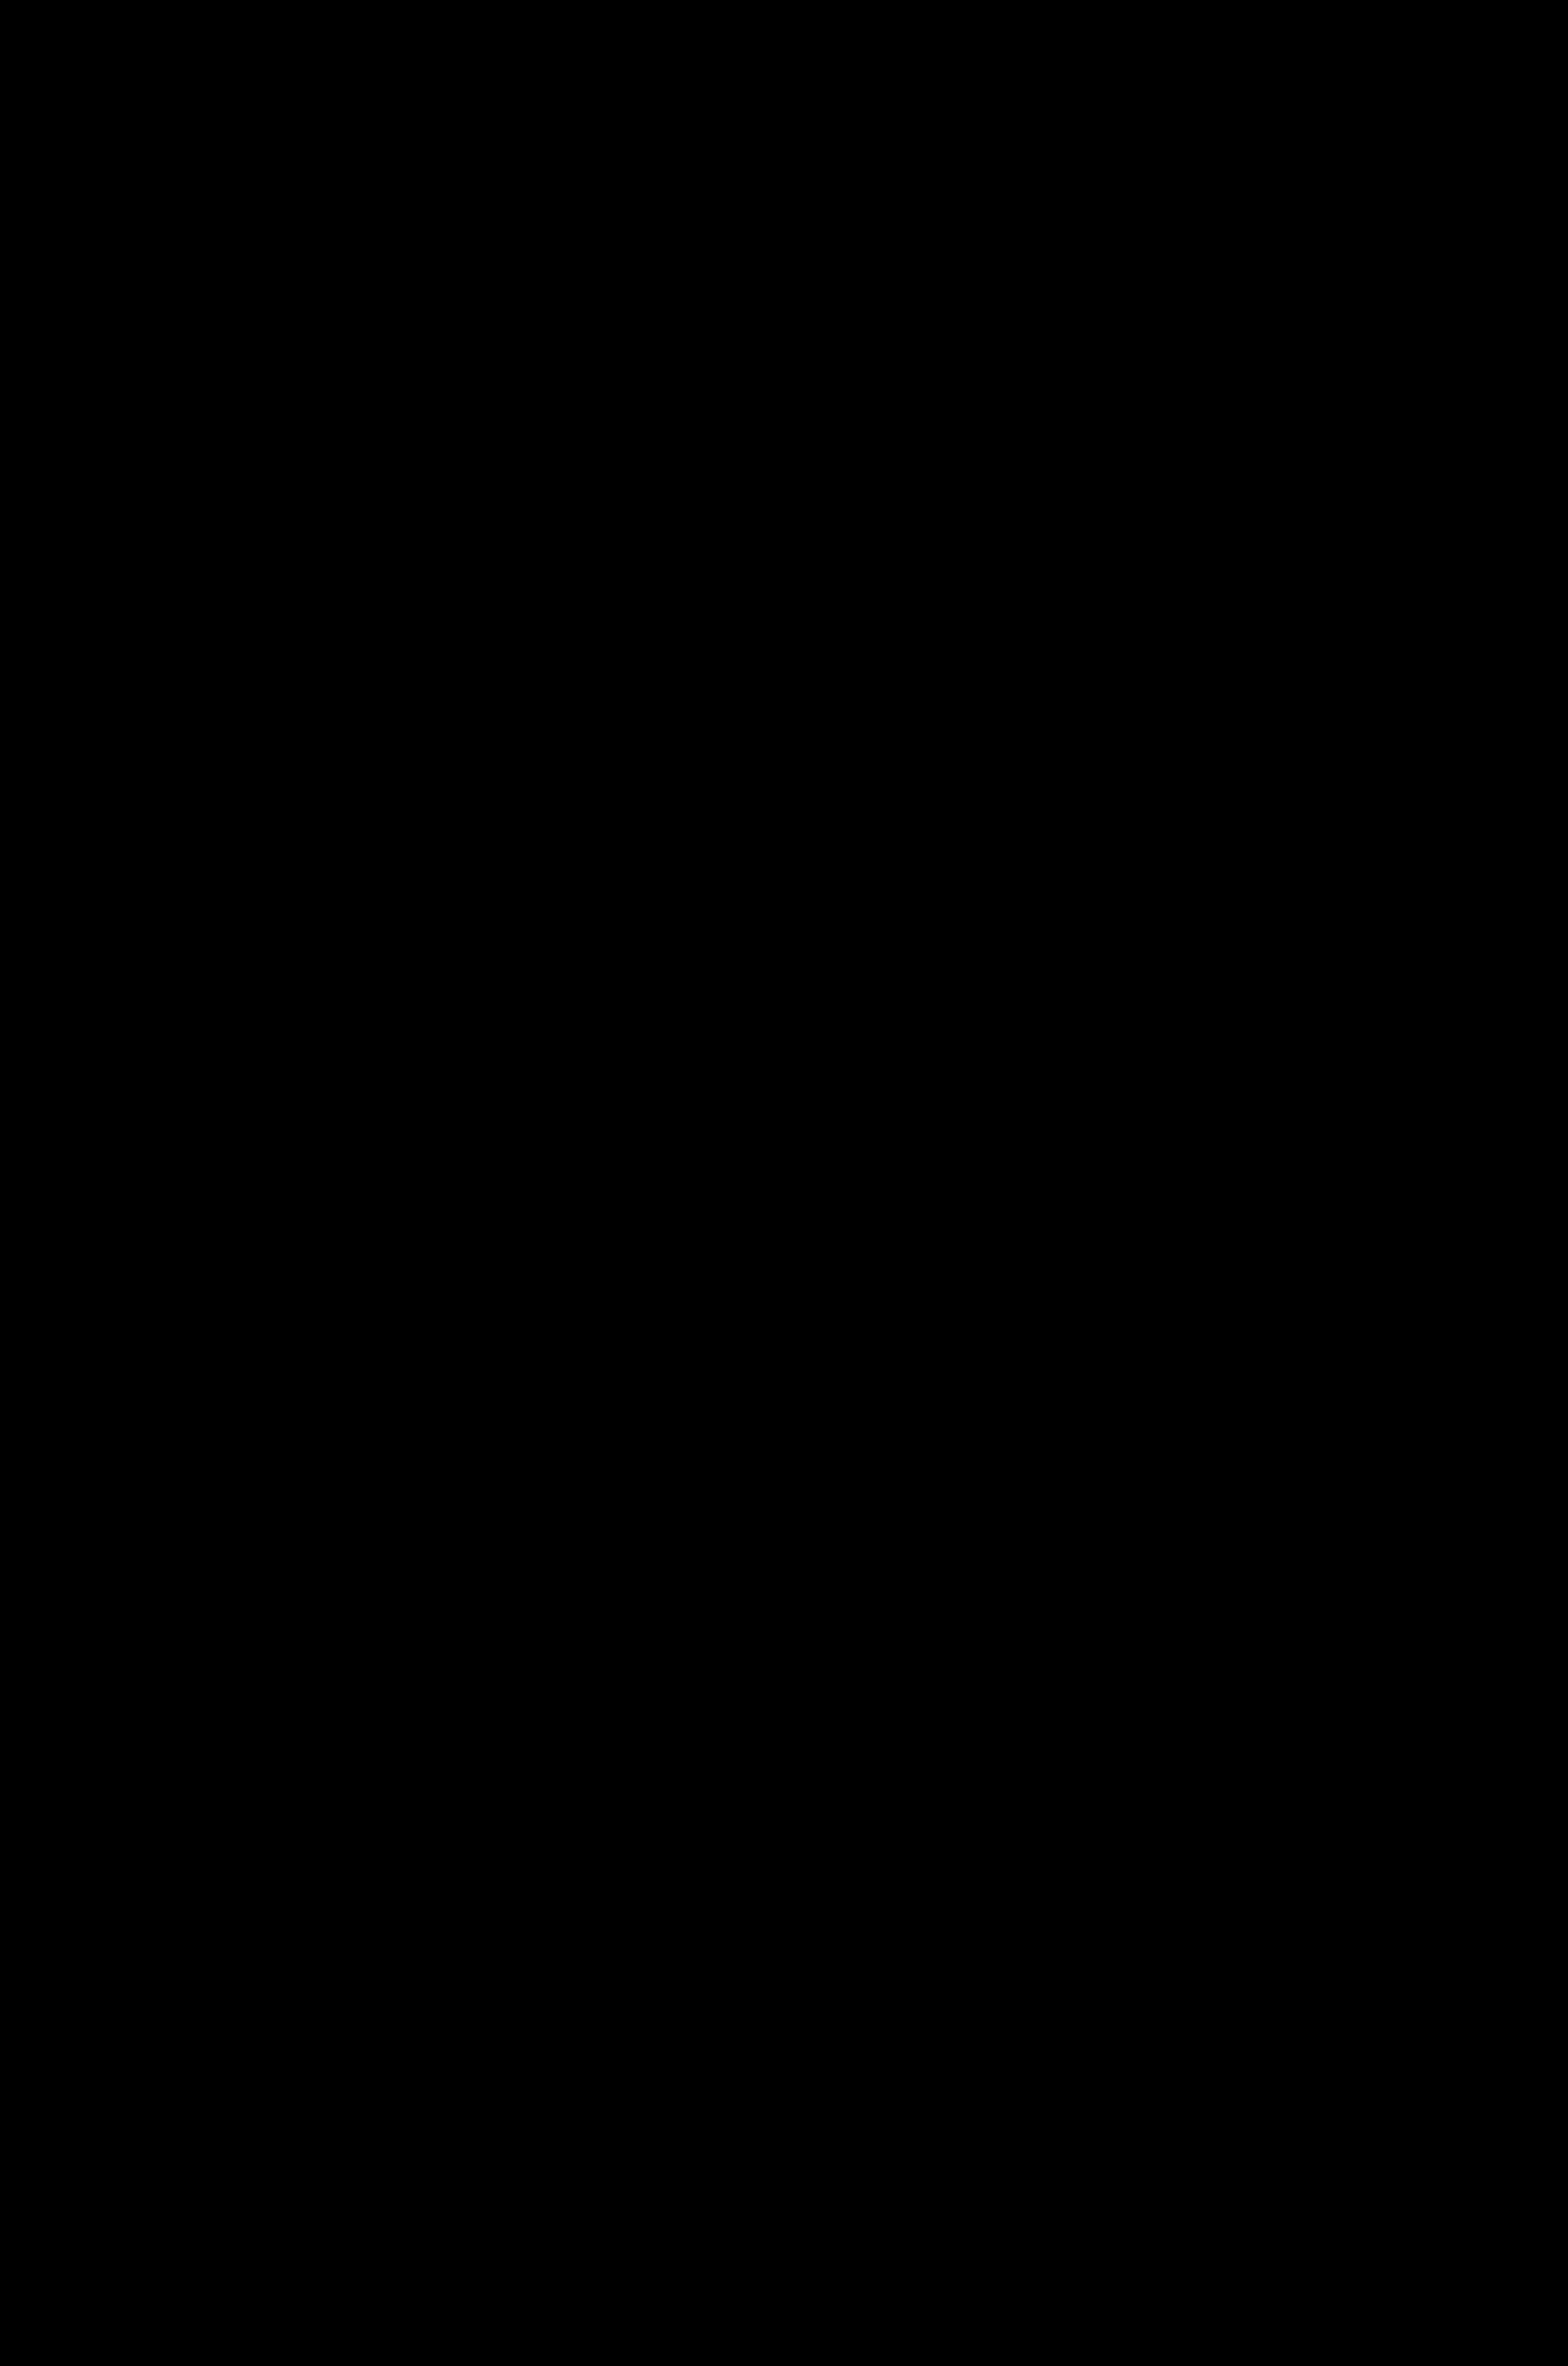 El Consejo Regulador de las IGP´S Mantecados y Polvorones de Estepa contrata con EnMedio la Adaptación a la Normativa en materia de Datos Personales